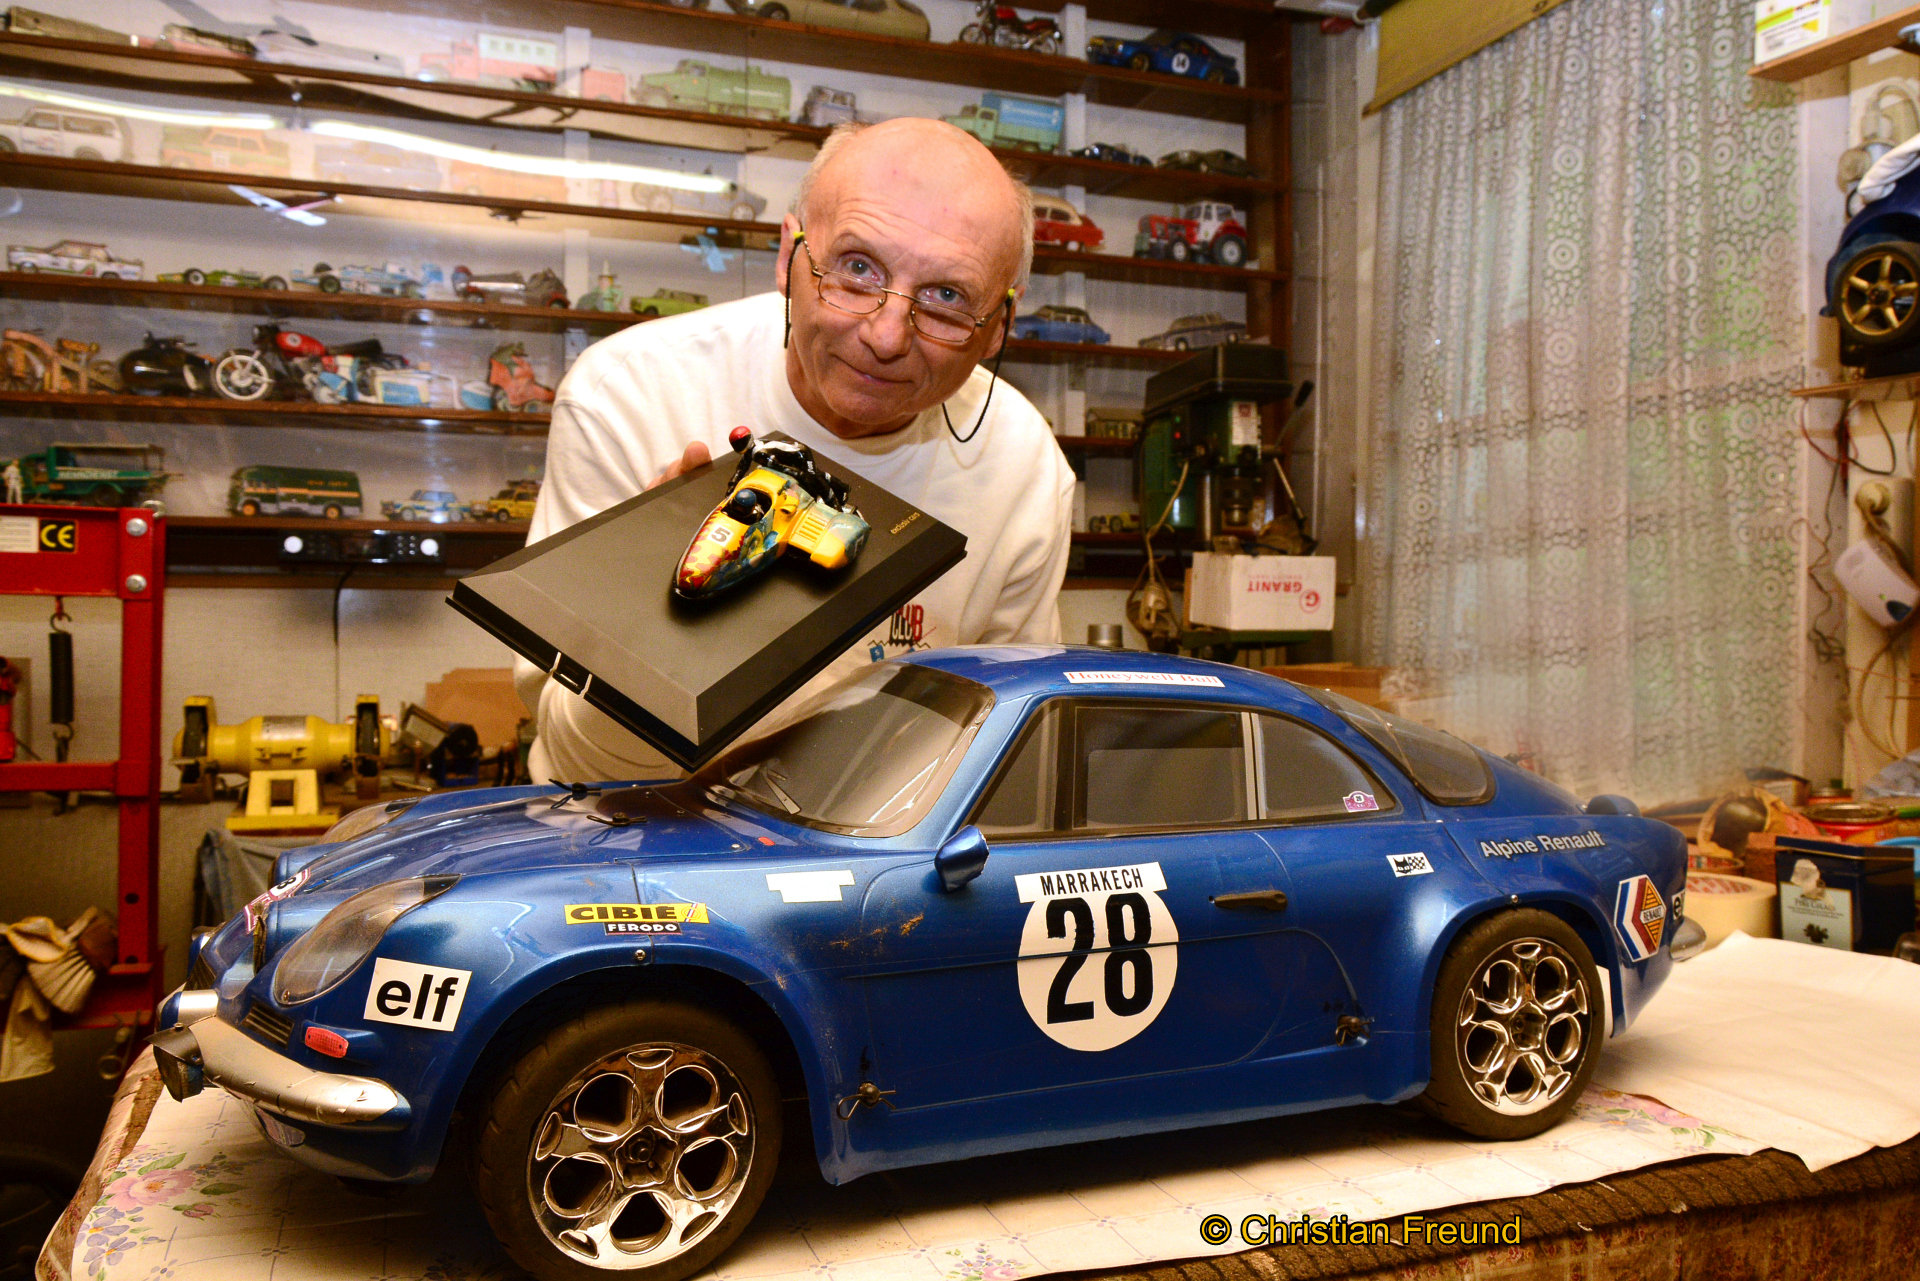 Fahrzeug- Legenden leben als Modelle weiter